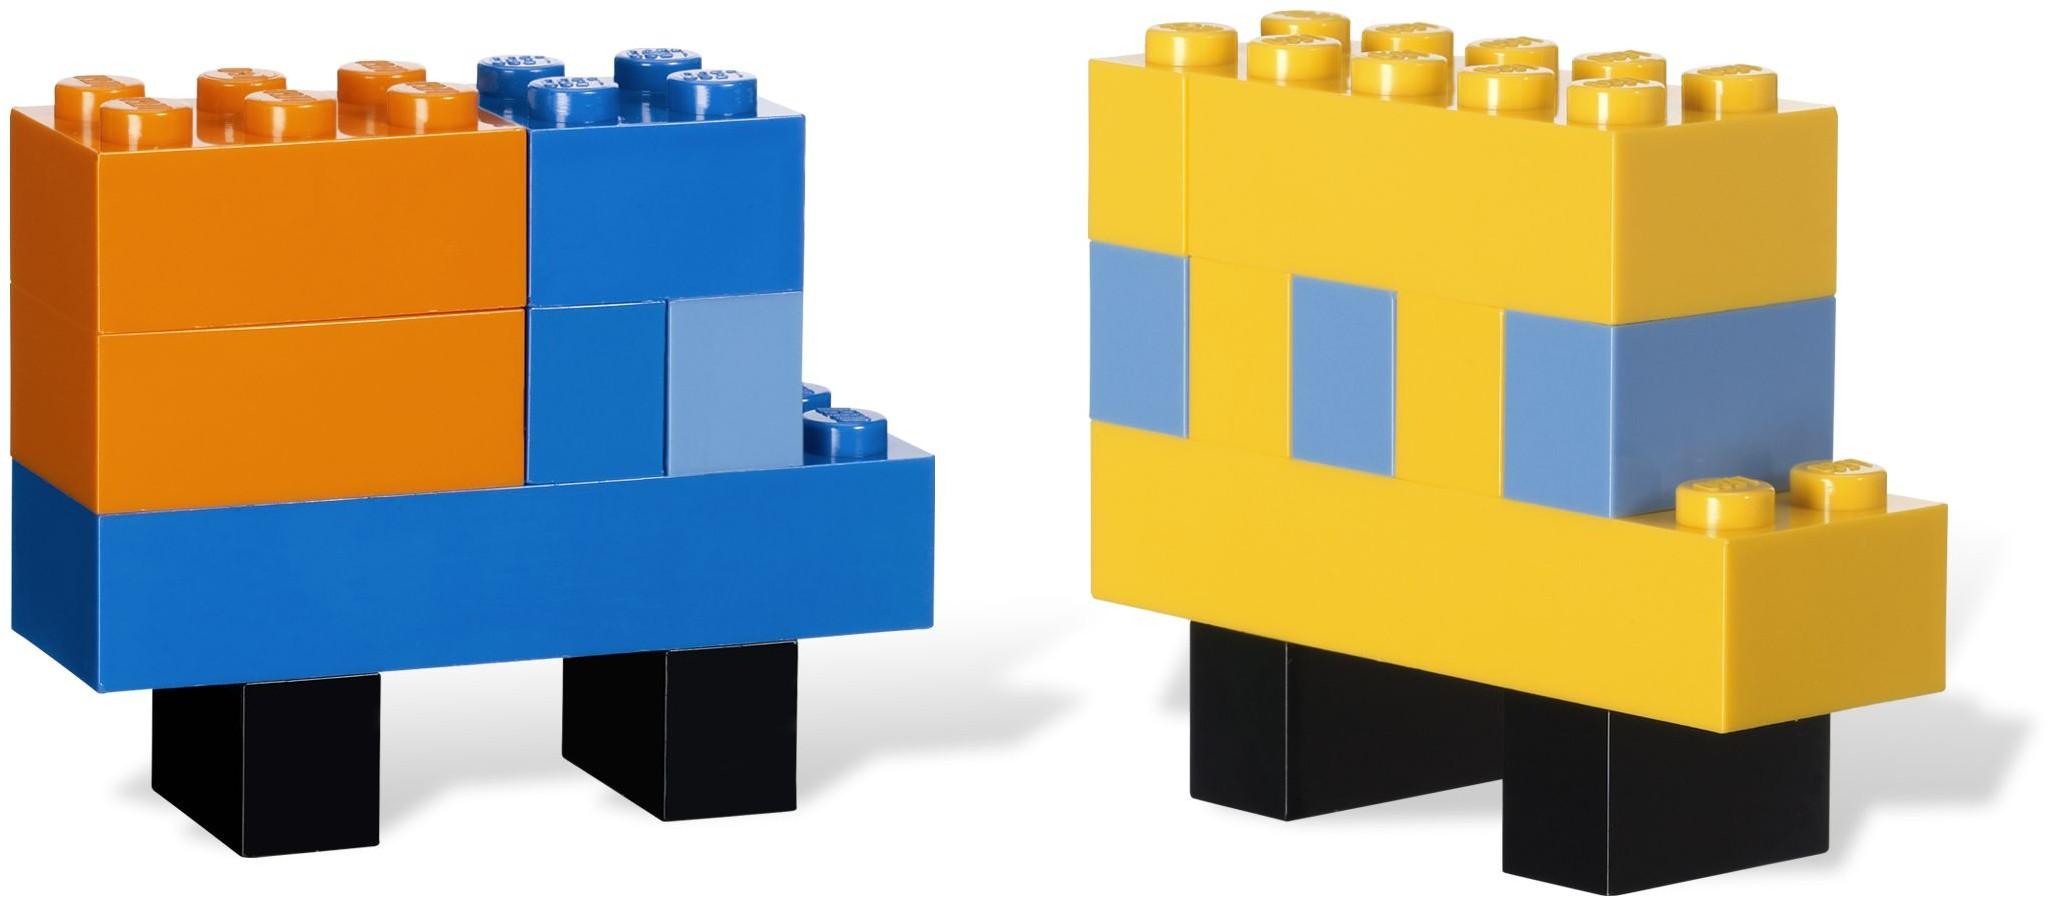 lego 5623 lego basic bricks large